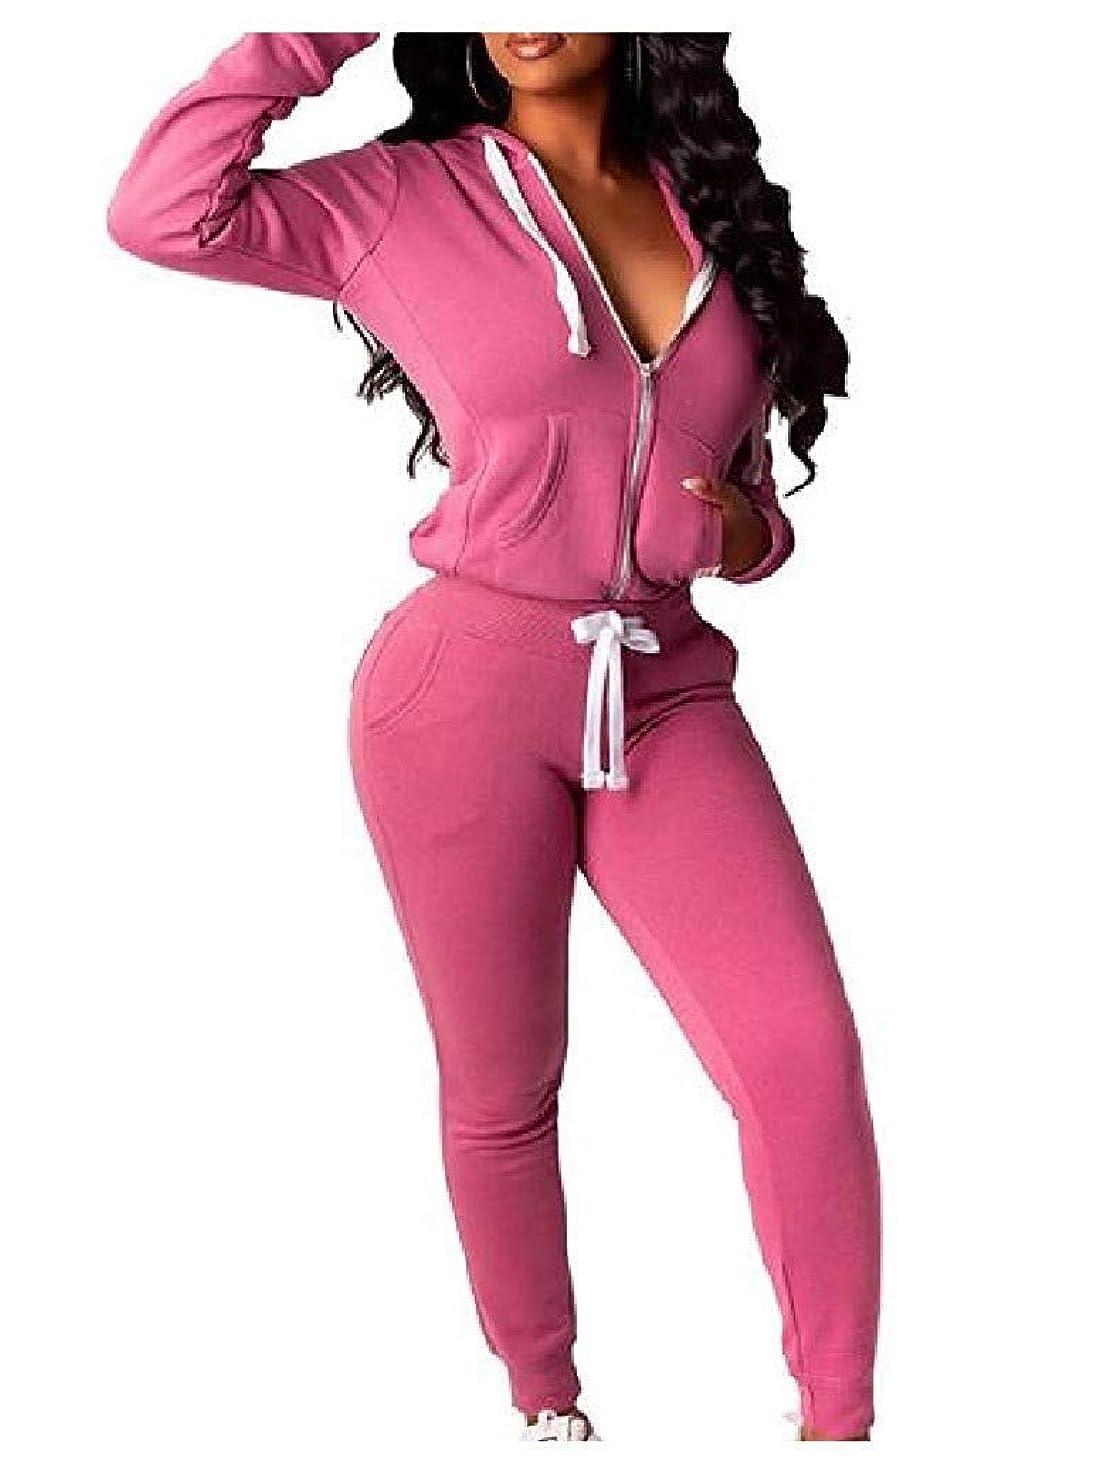 手入れアミューズメント煙突女性ジッパーフード付きピュアカジュアル2ピーストラックスーツ衣装 AS2 US S=China M